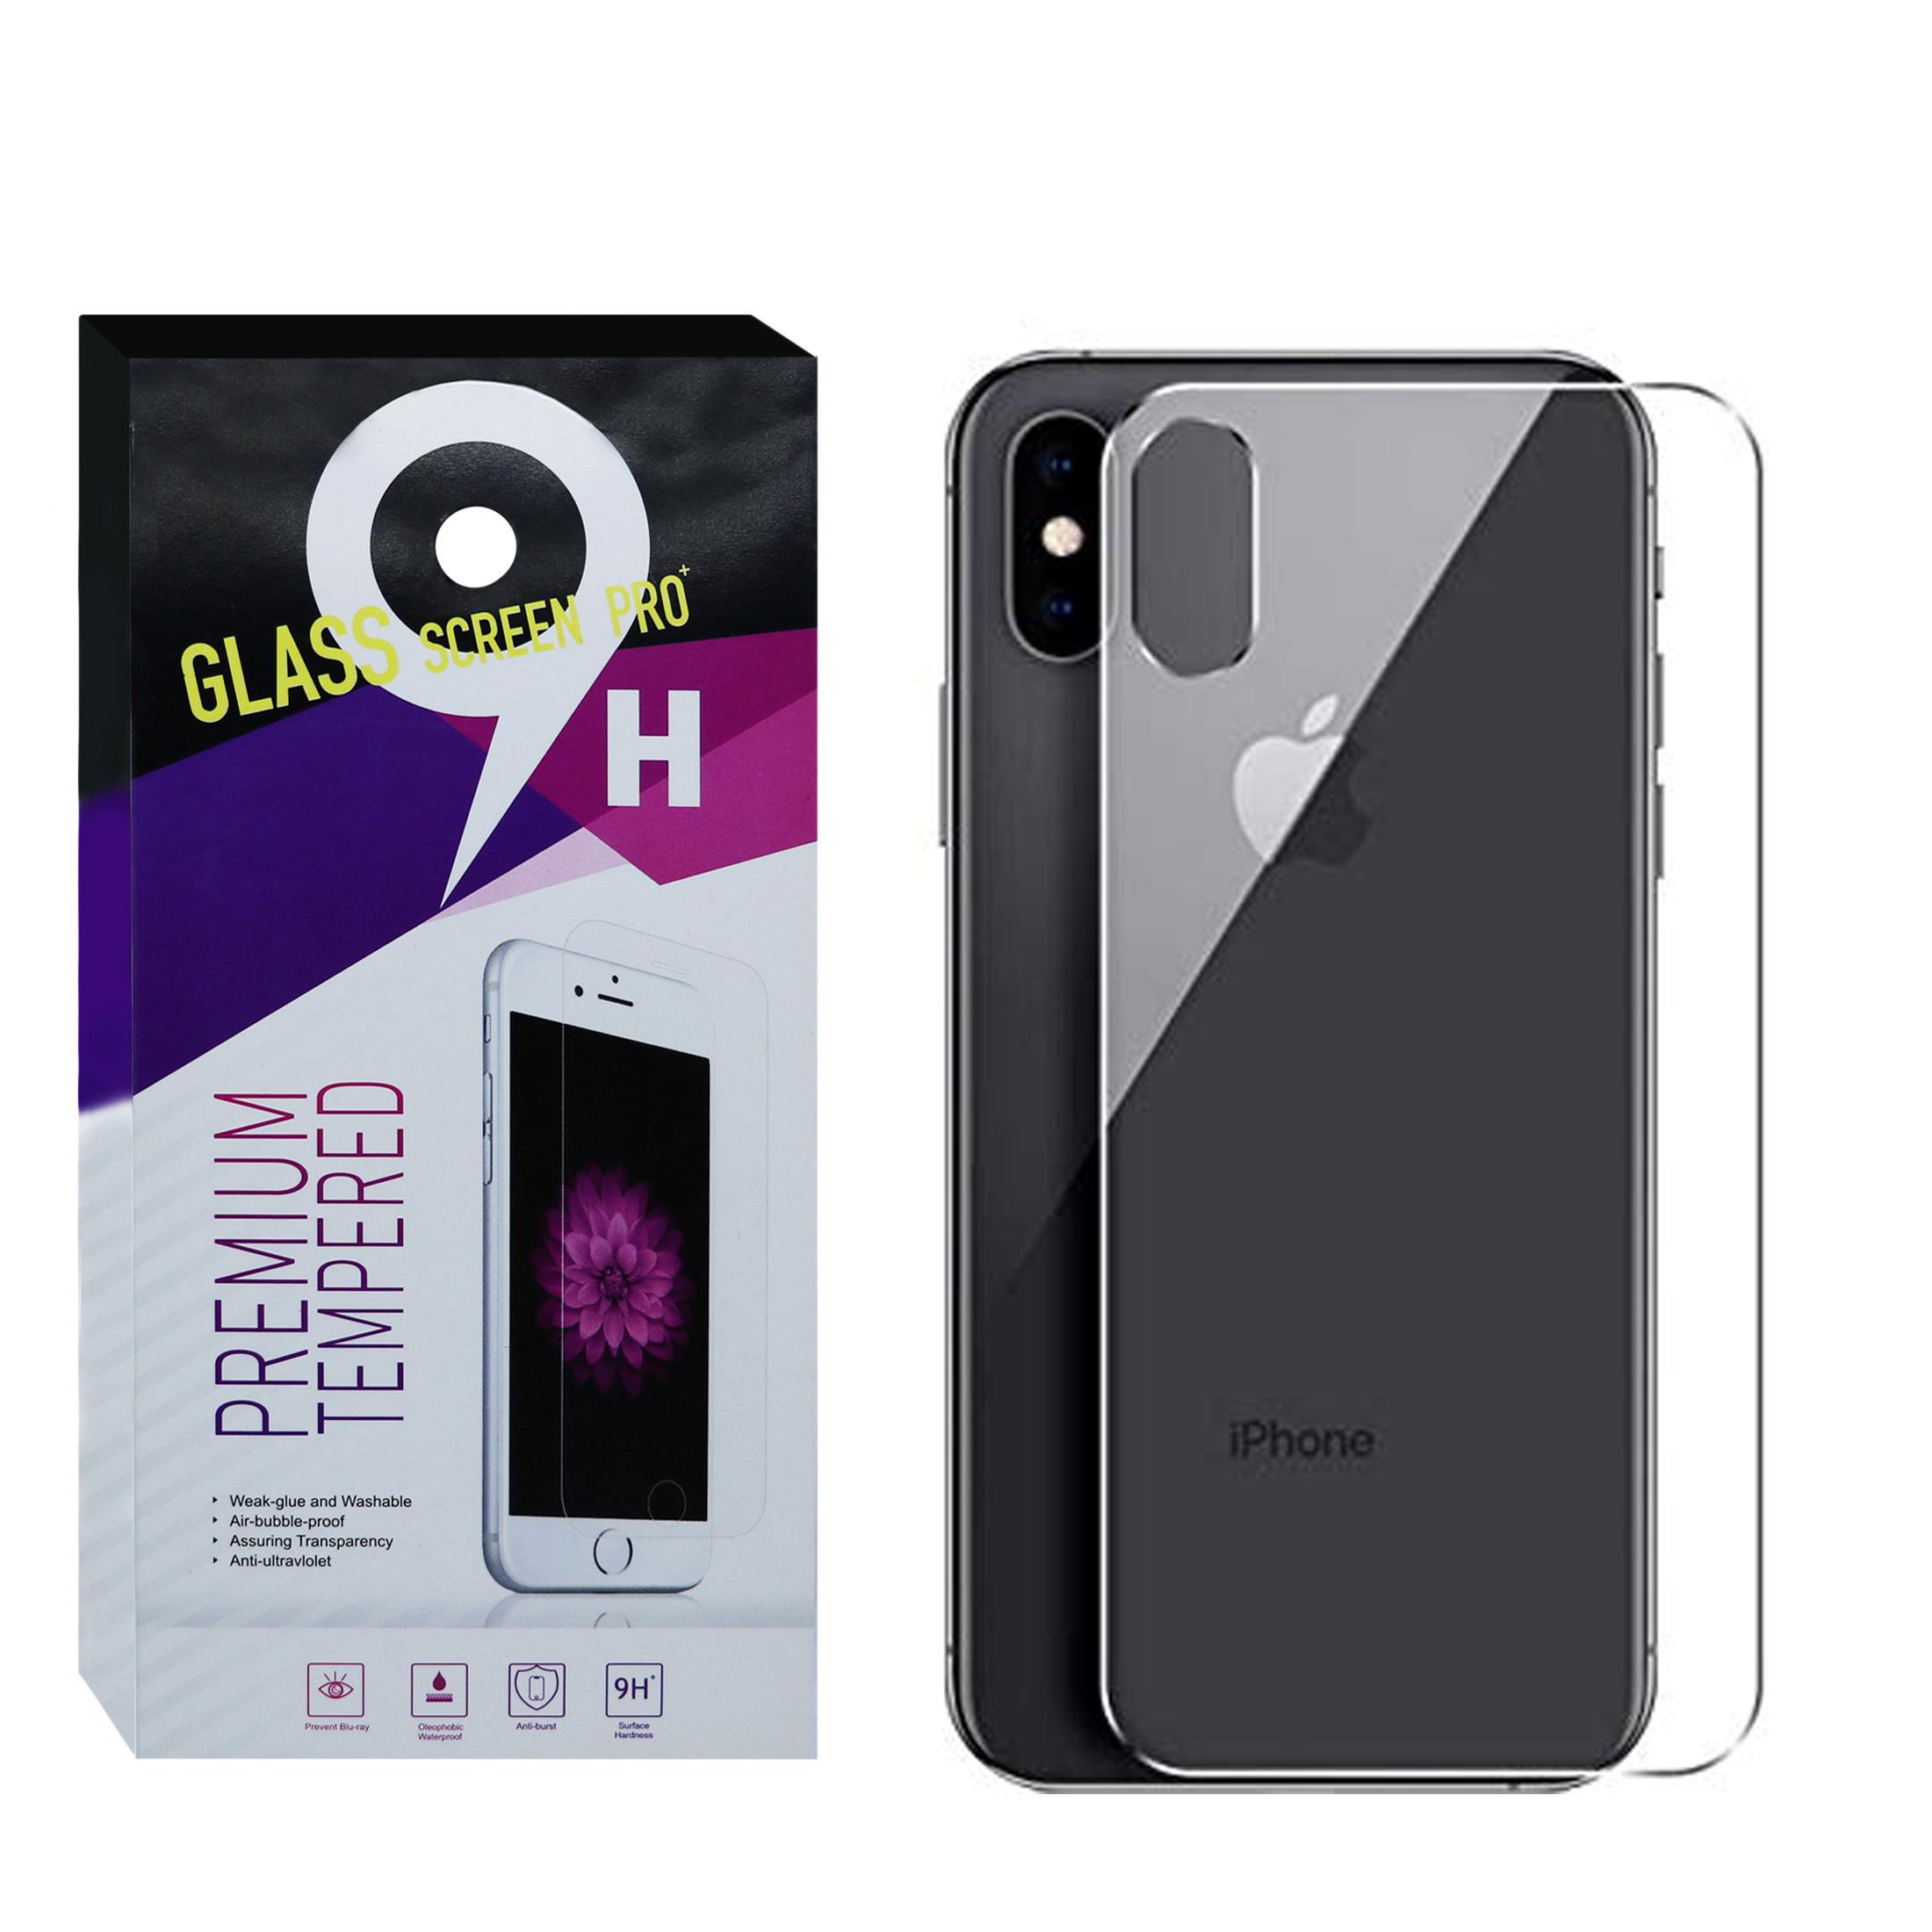 محافظ پشت گوشی مدل Fu-01 مناسب برای گوشی موبایل اپل Iphone X/Xs